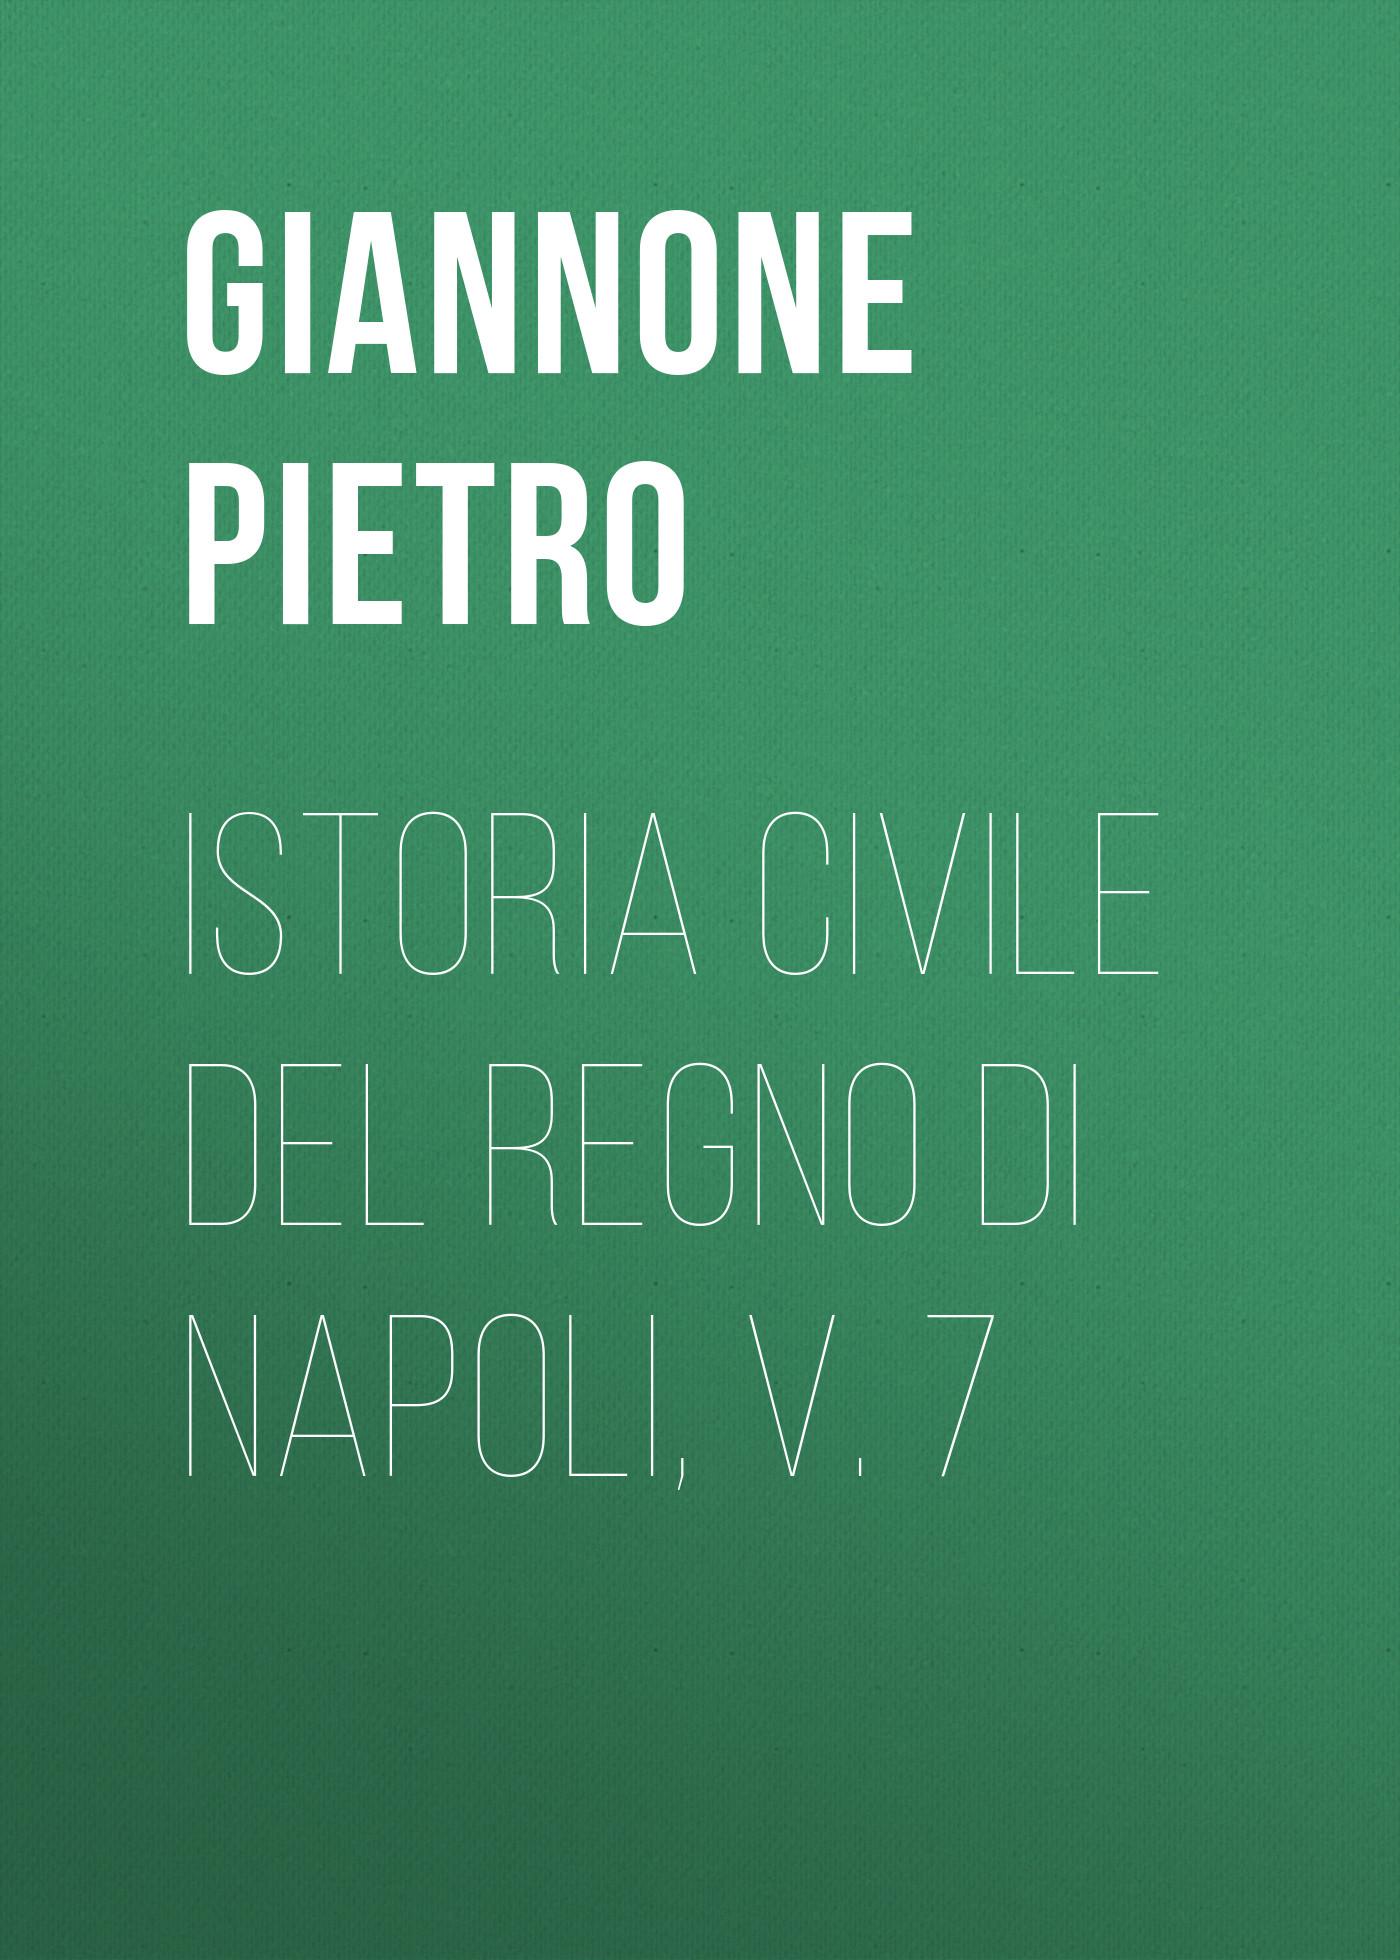 Giannone Pietro Istoria civile del Regno di Napoli, v. 7 lewis goldsmith istoria segreta del gabinetto di buonaparte